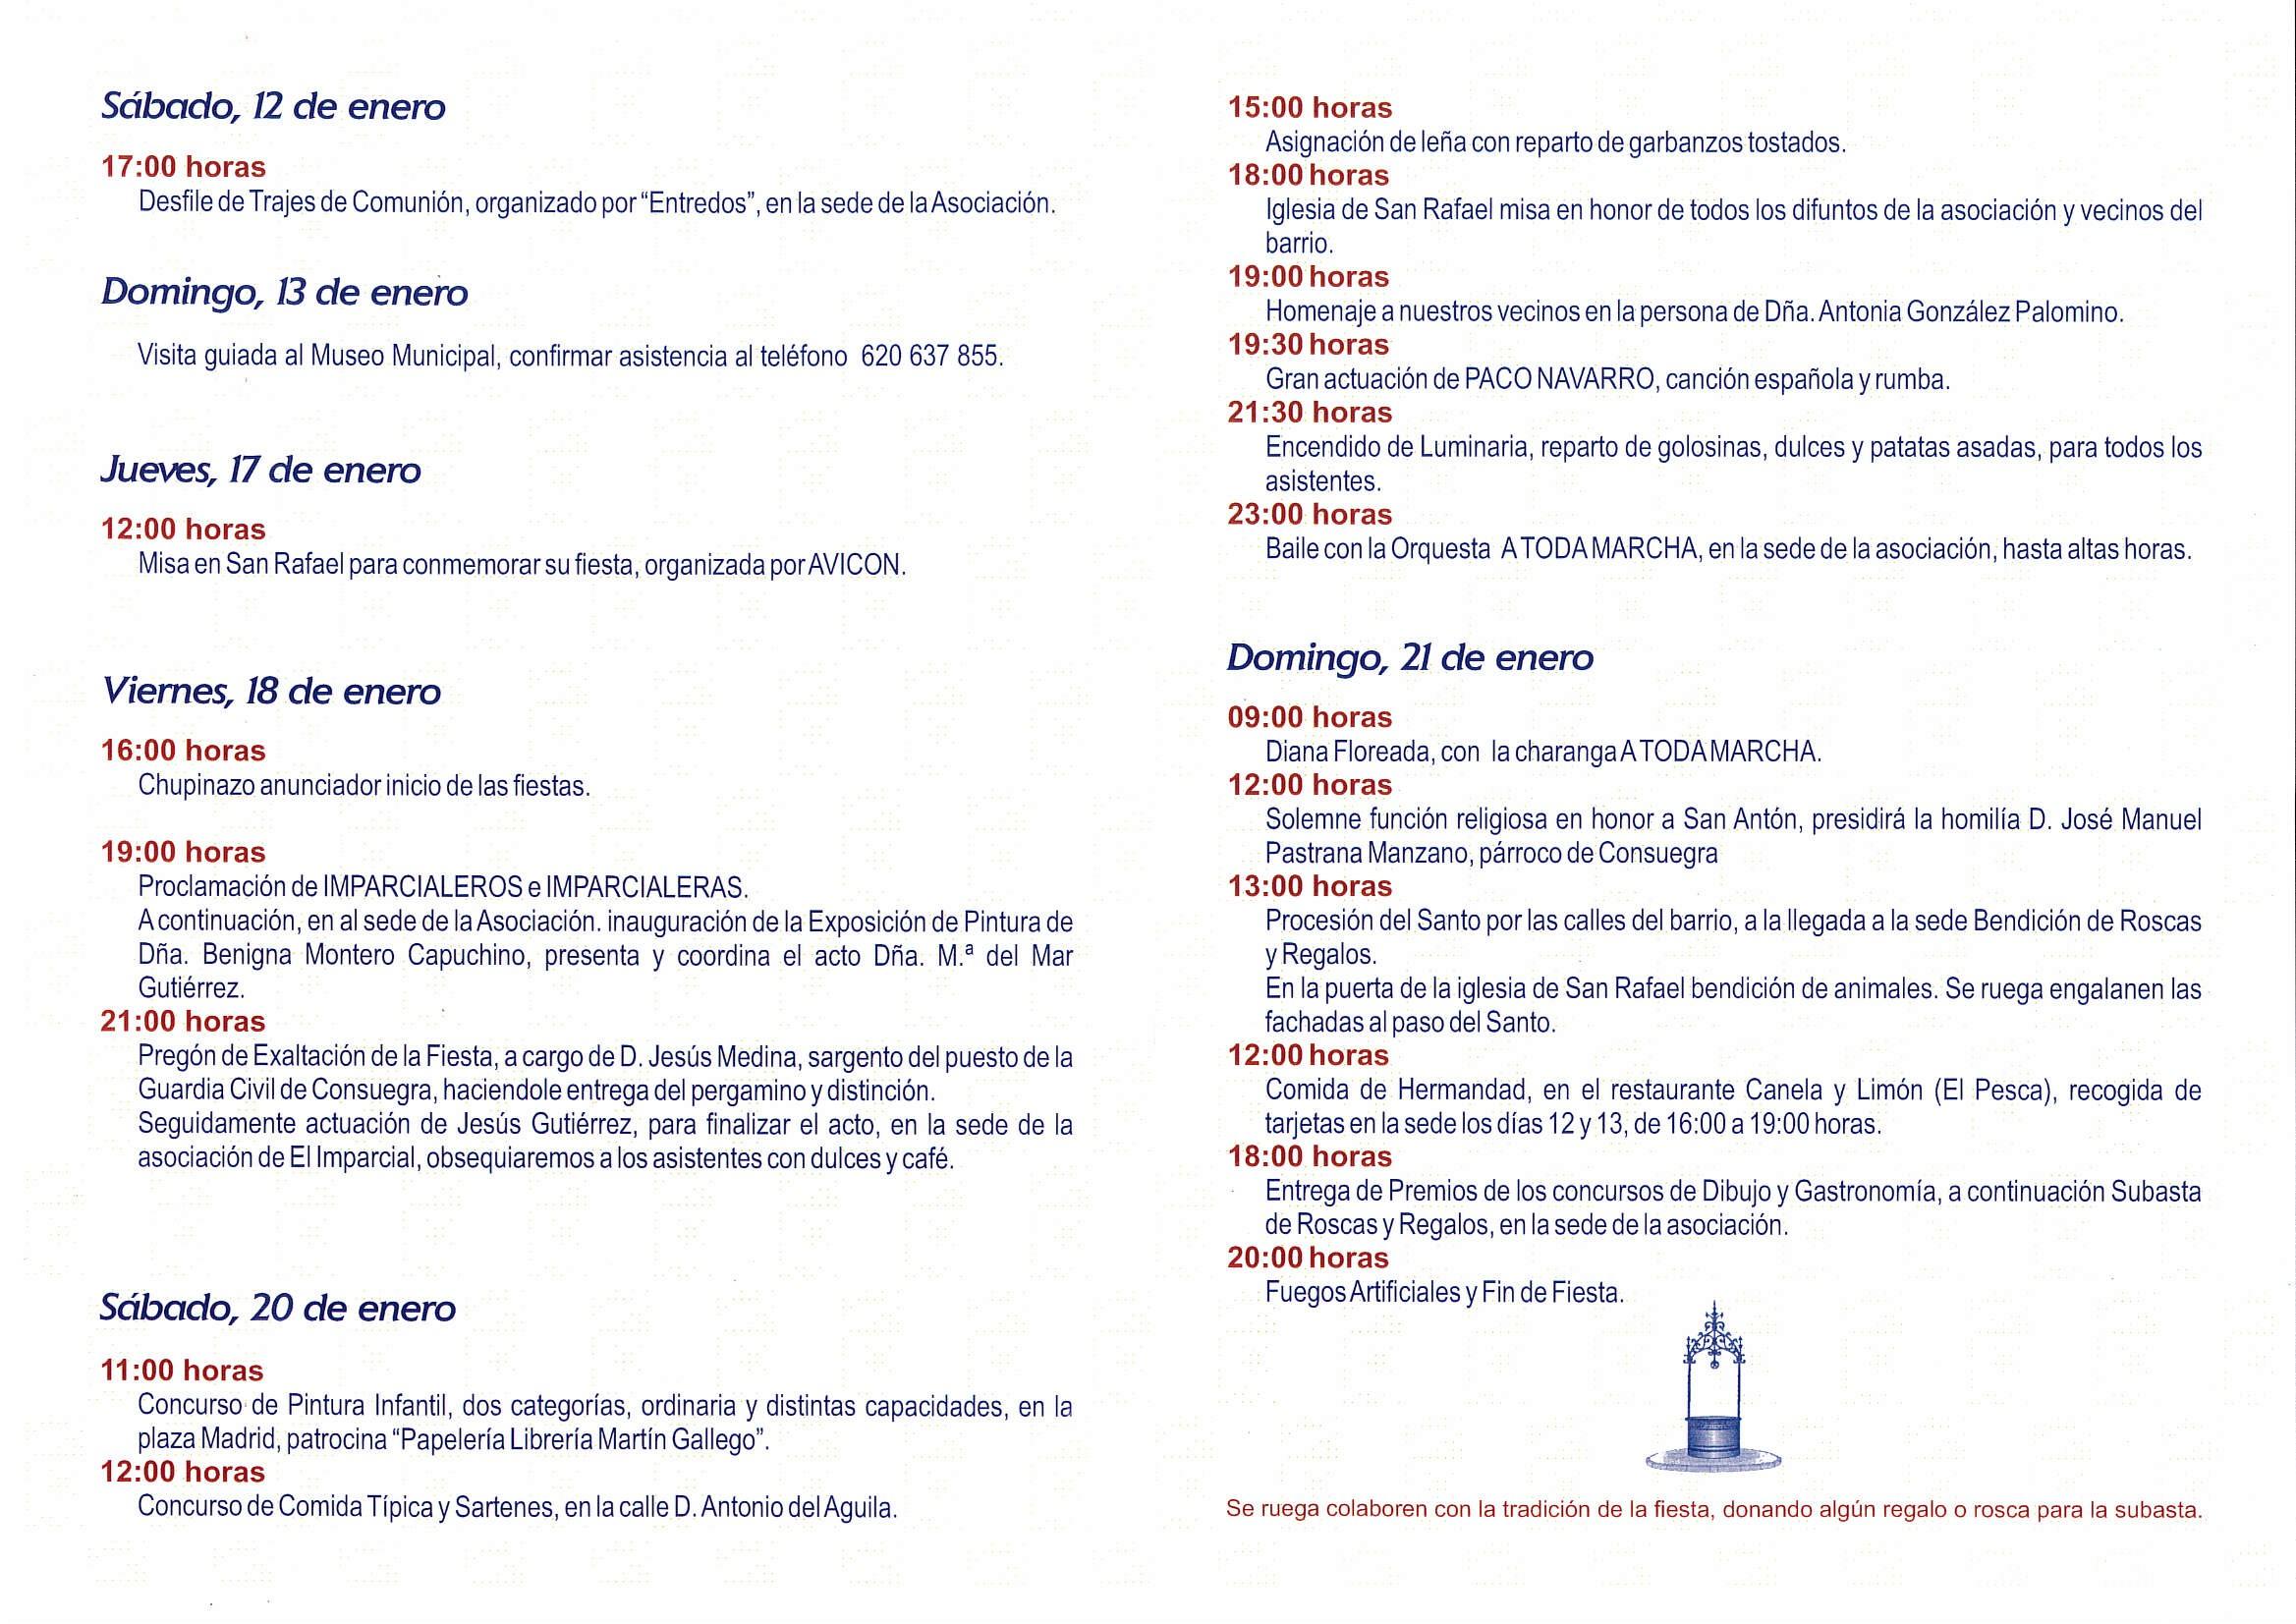 Calendario Febrero 2019 Dias Festivos Más Populares Concurso De Canto De Silvestrismo Libre Ayuntamiento De Consuegra